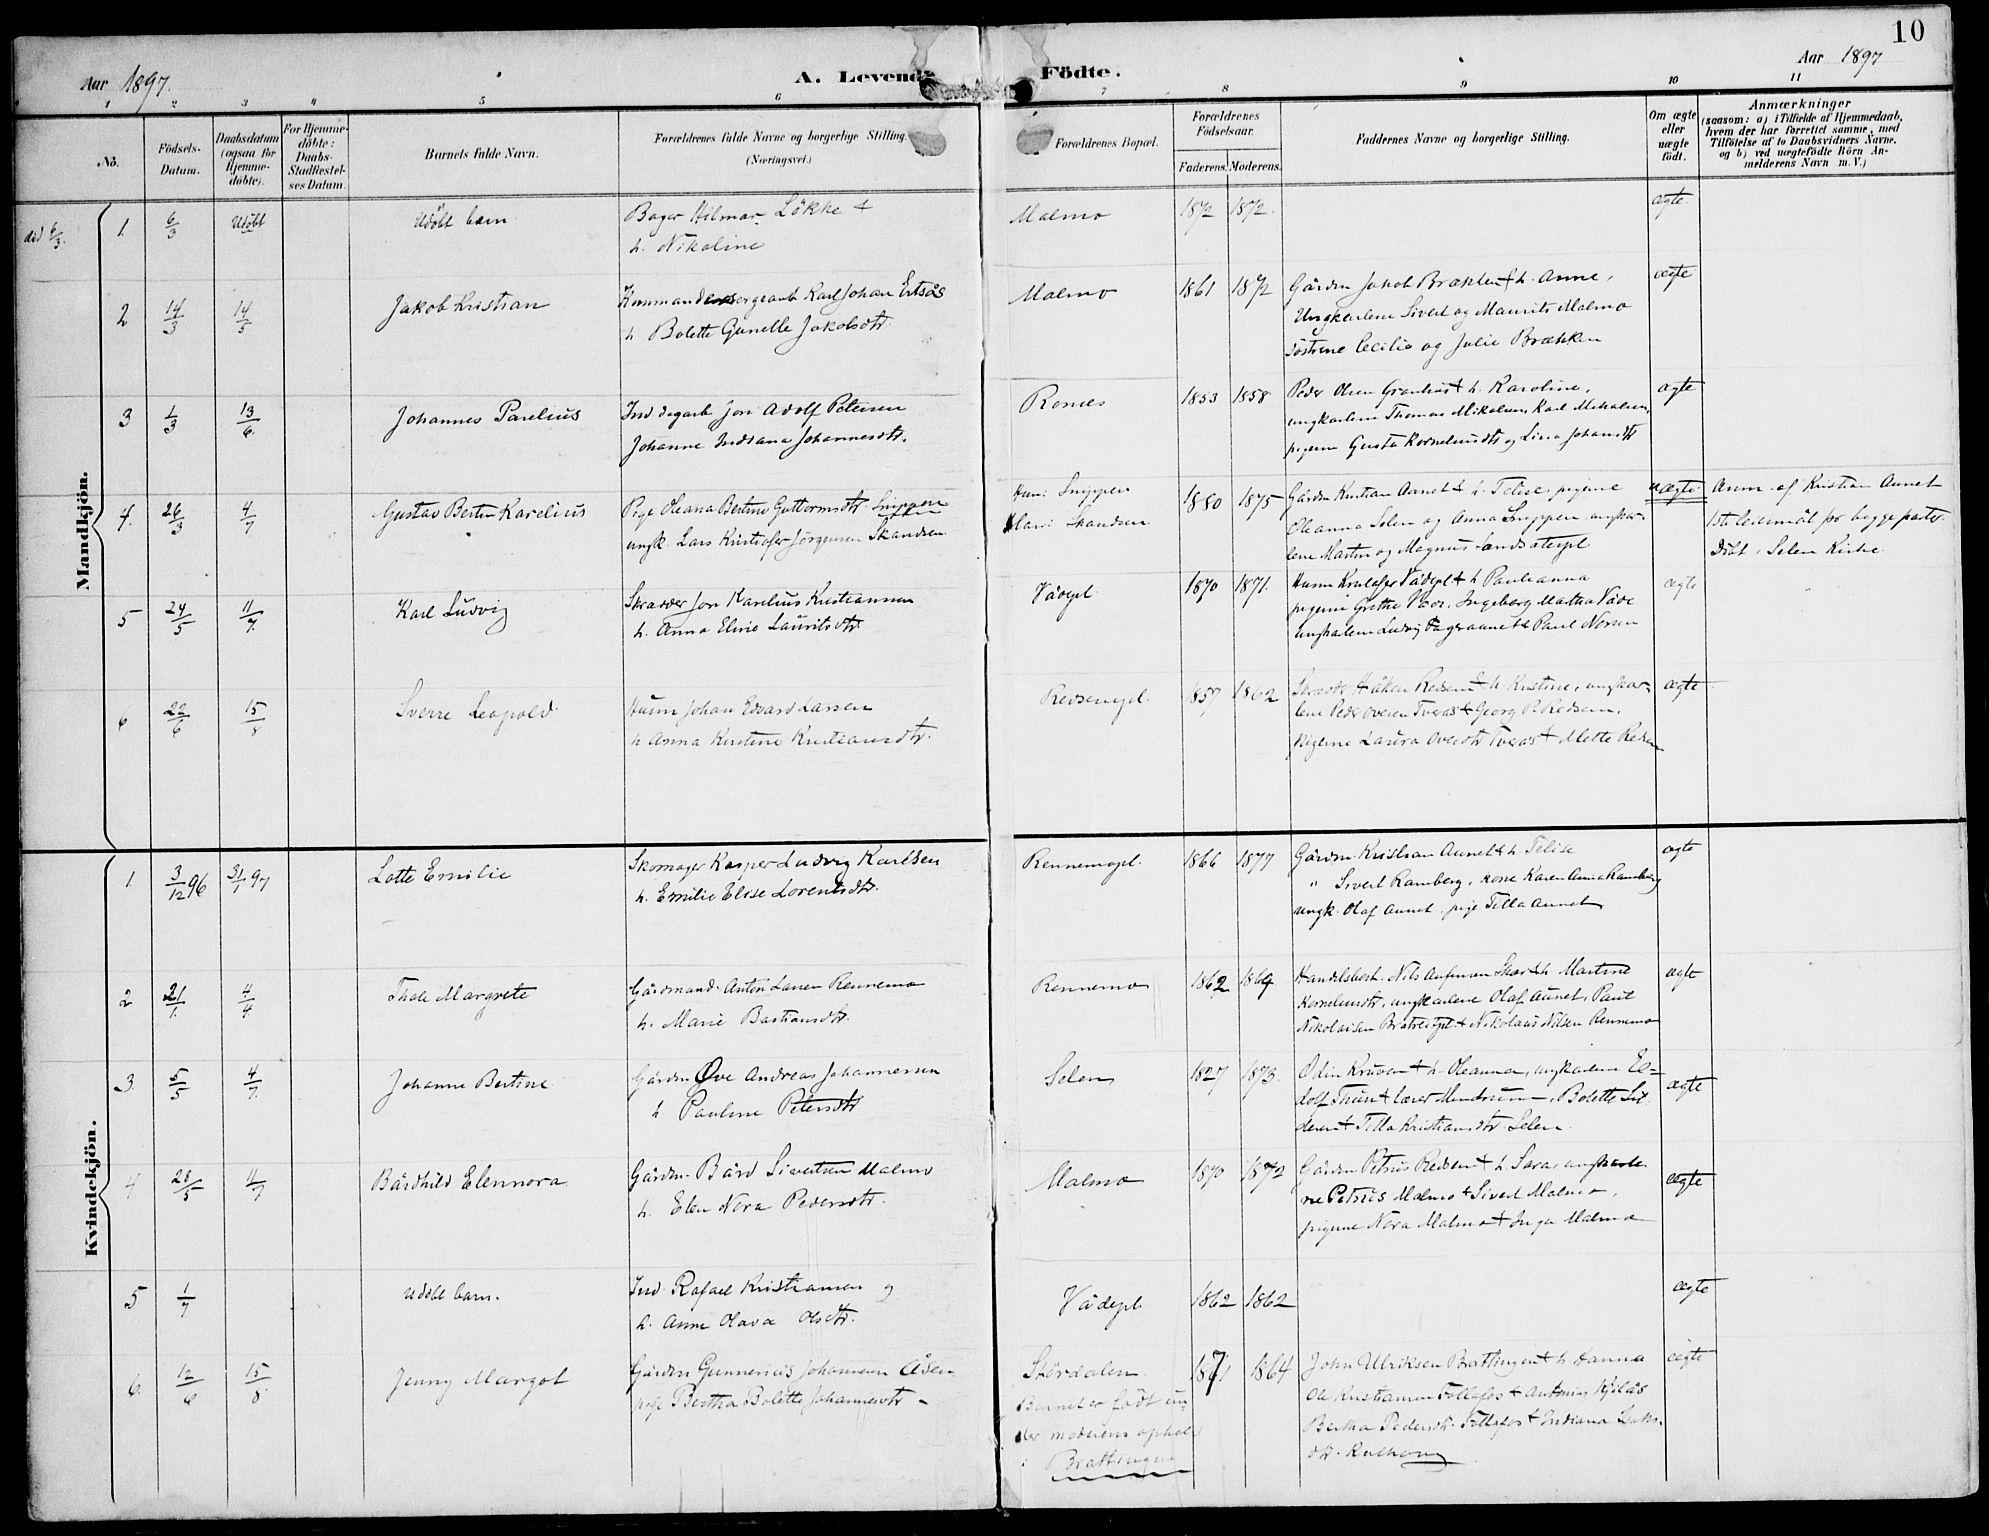 SAT, Ministerialprotokoller, klokkerbøker og fødselsregistre - Nord-Trøndelag, 745/L0430: Ministerialbok nr. 745A02, 1895-1913, s. 10